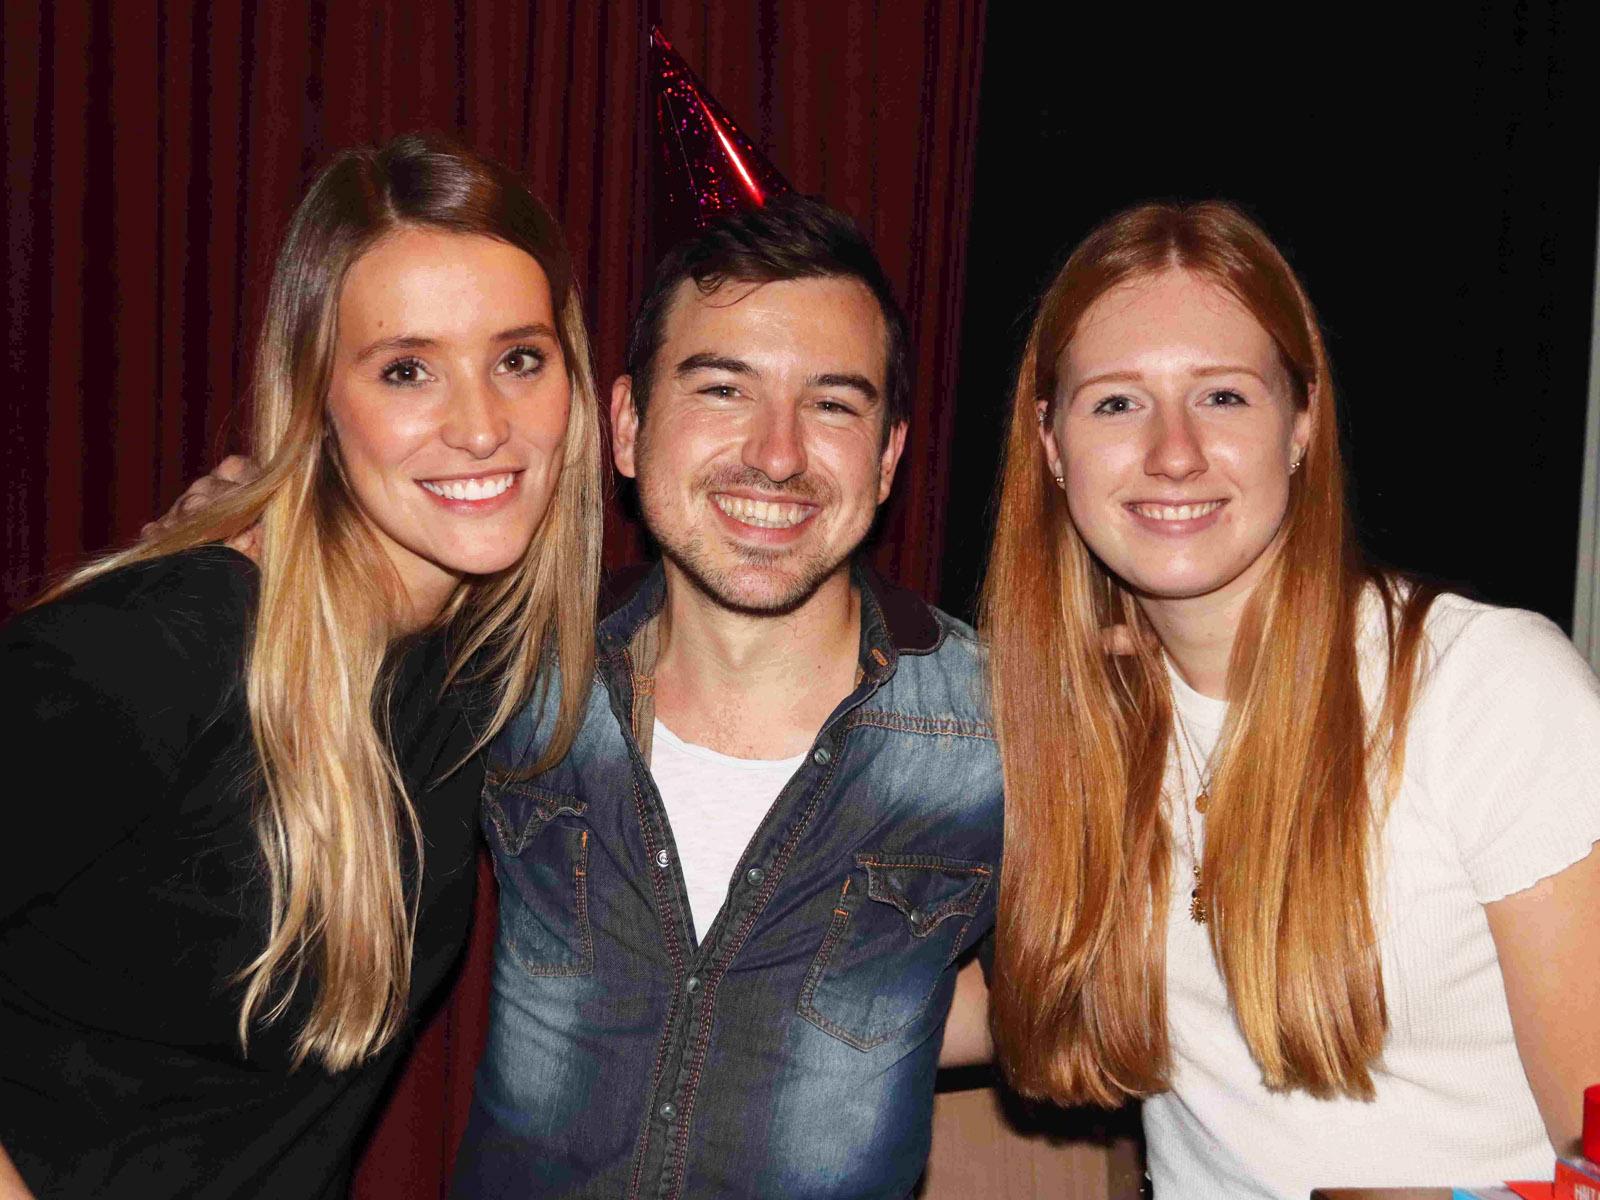 Das Geburtstagskind mit zwei Damen